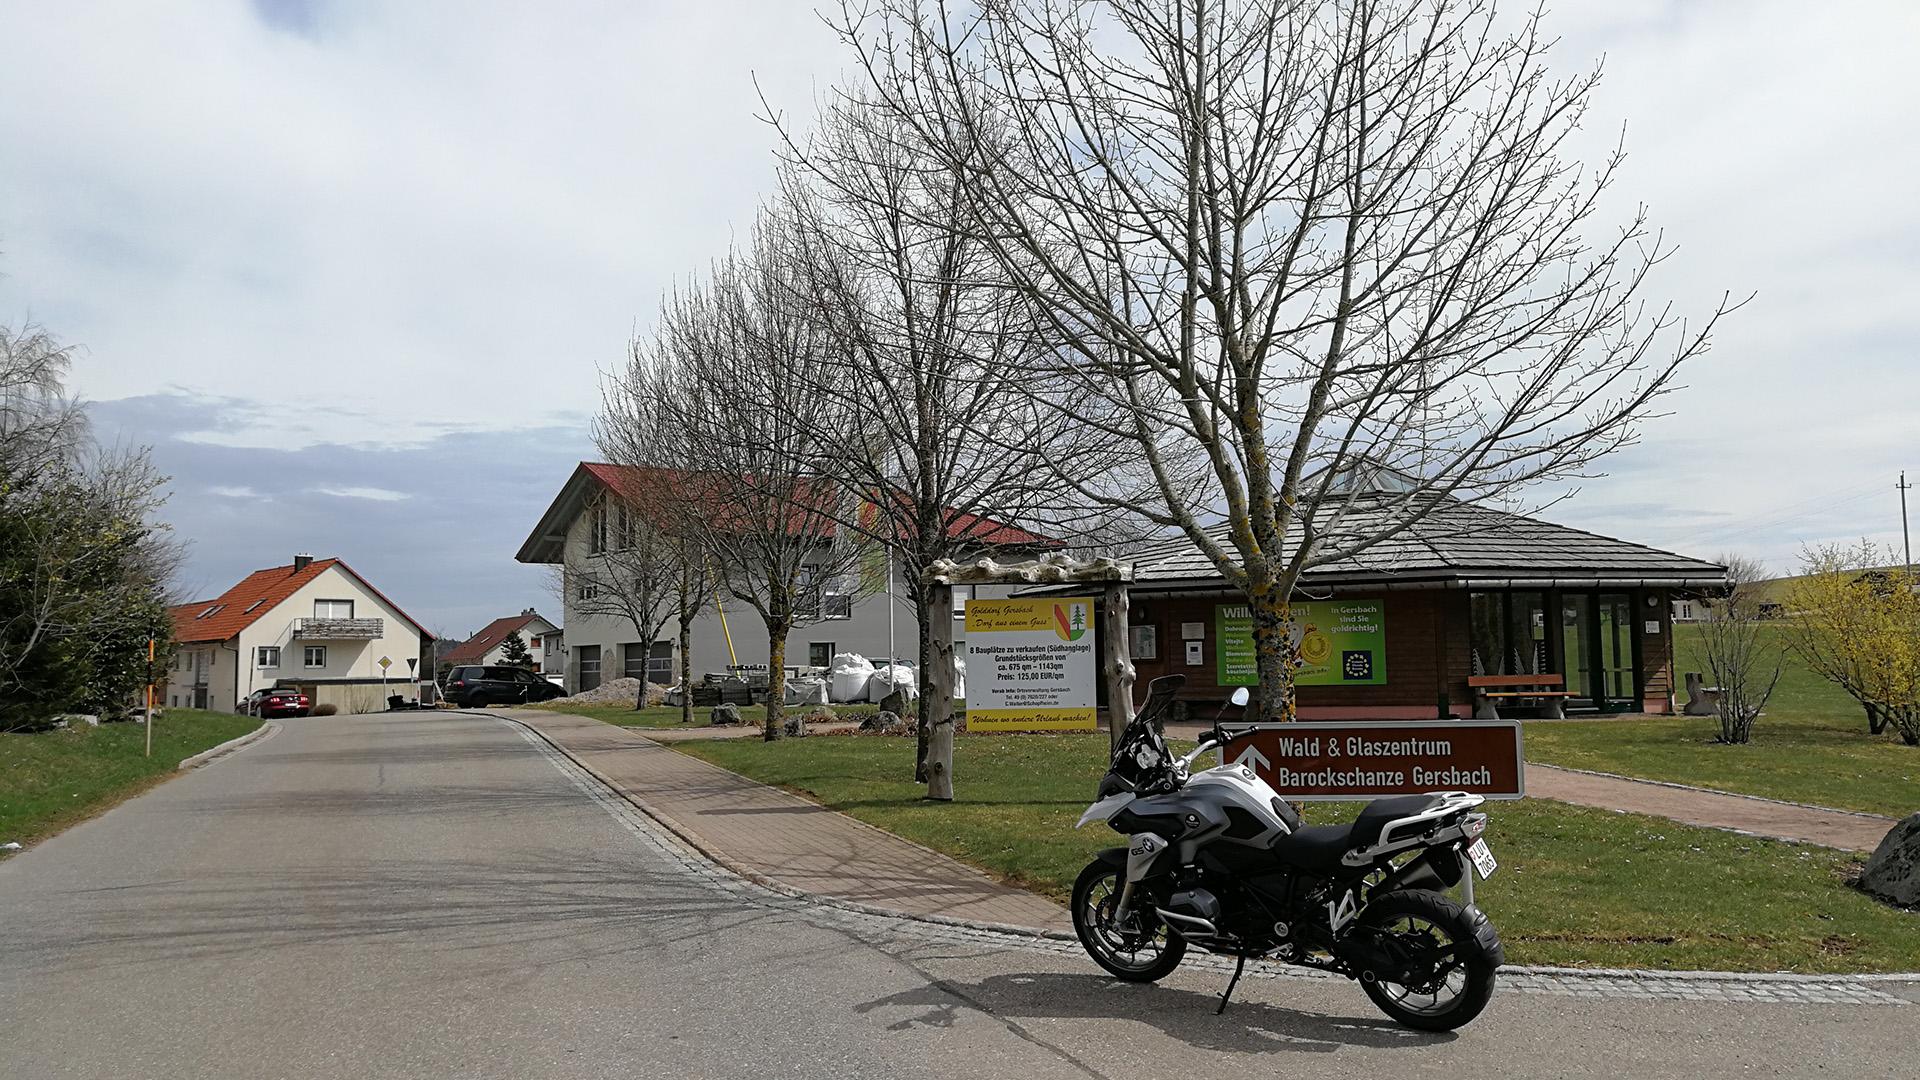 0910 - D - Gersbach Ebnet